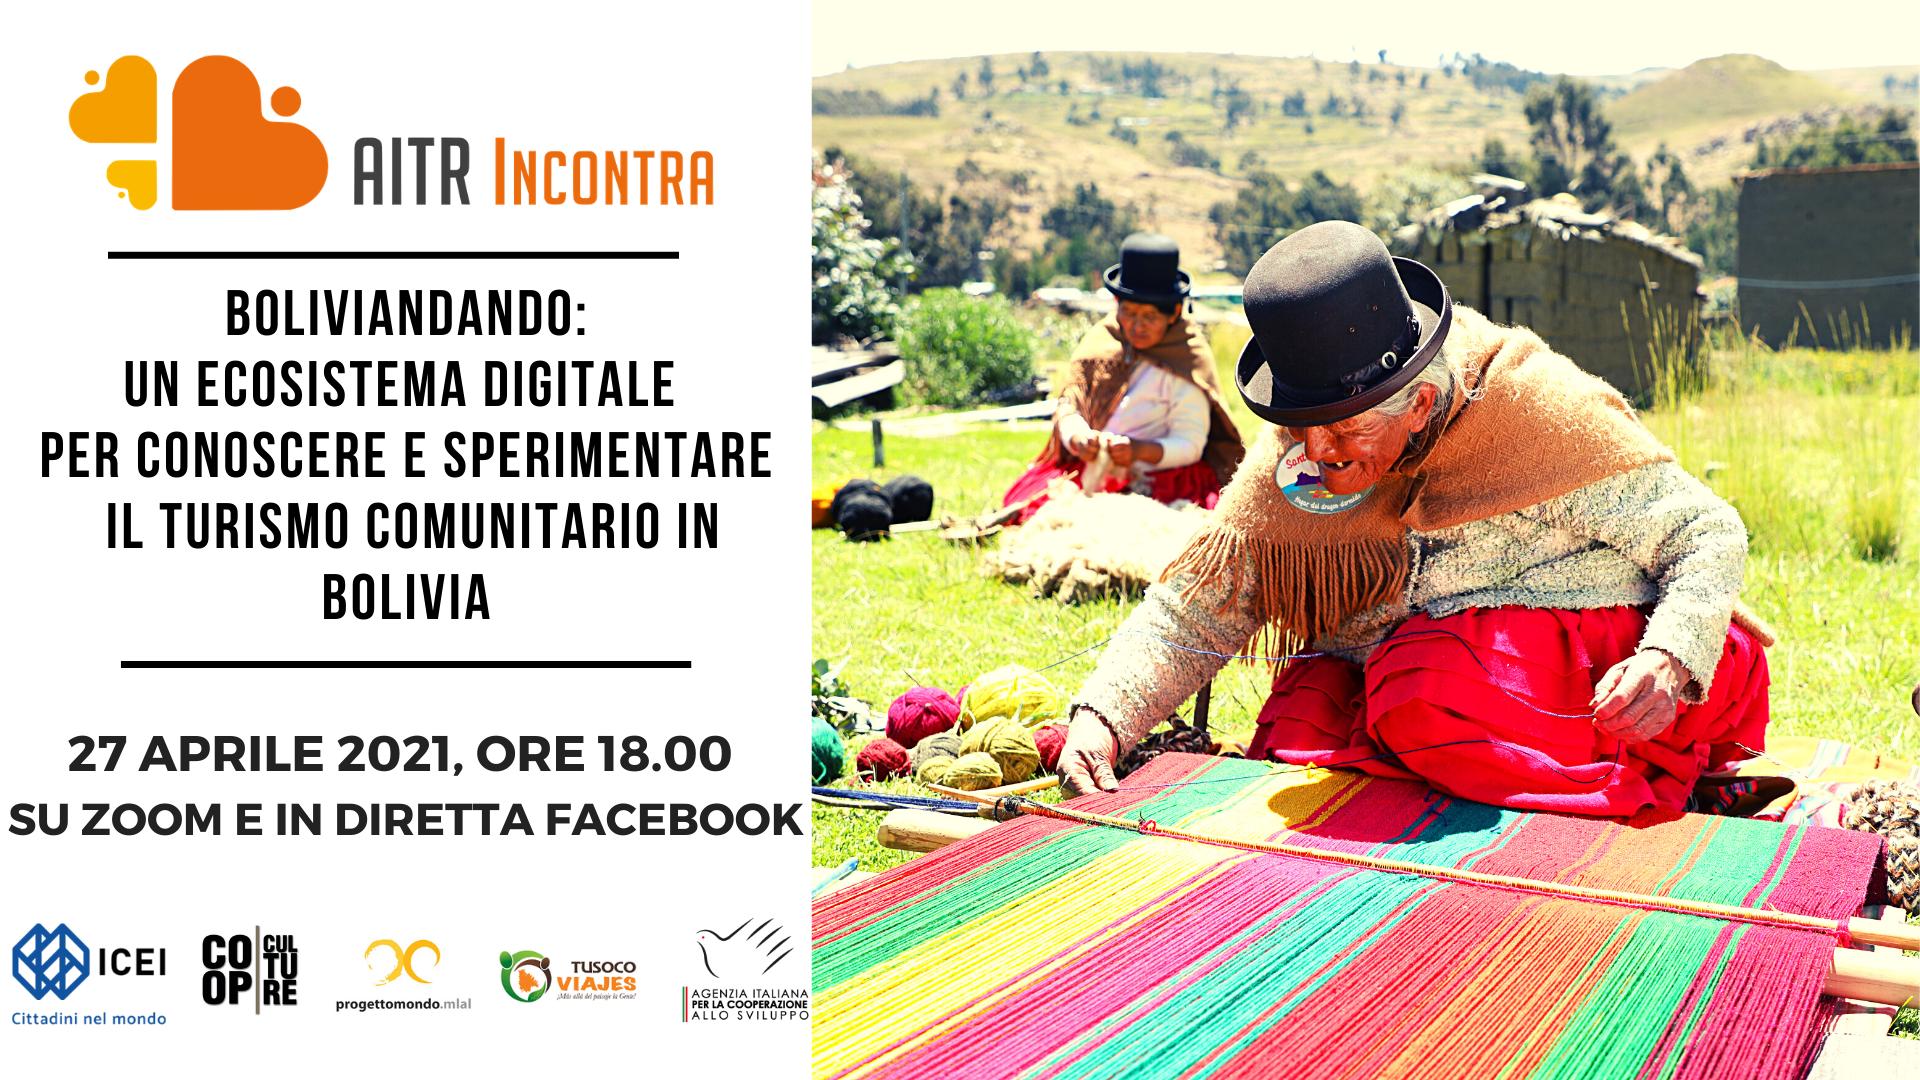 Boliviandando: un ecosistema digitale per conoscere e sperimentare il turismo  comunitario in Bolivia